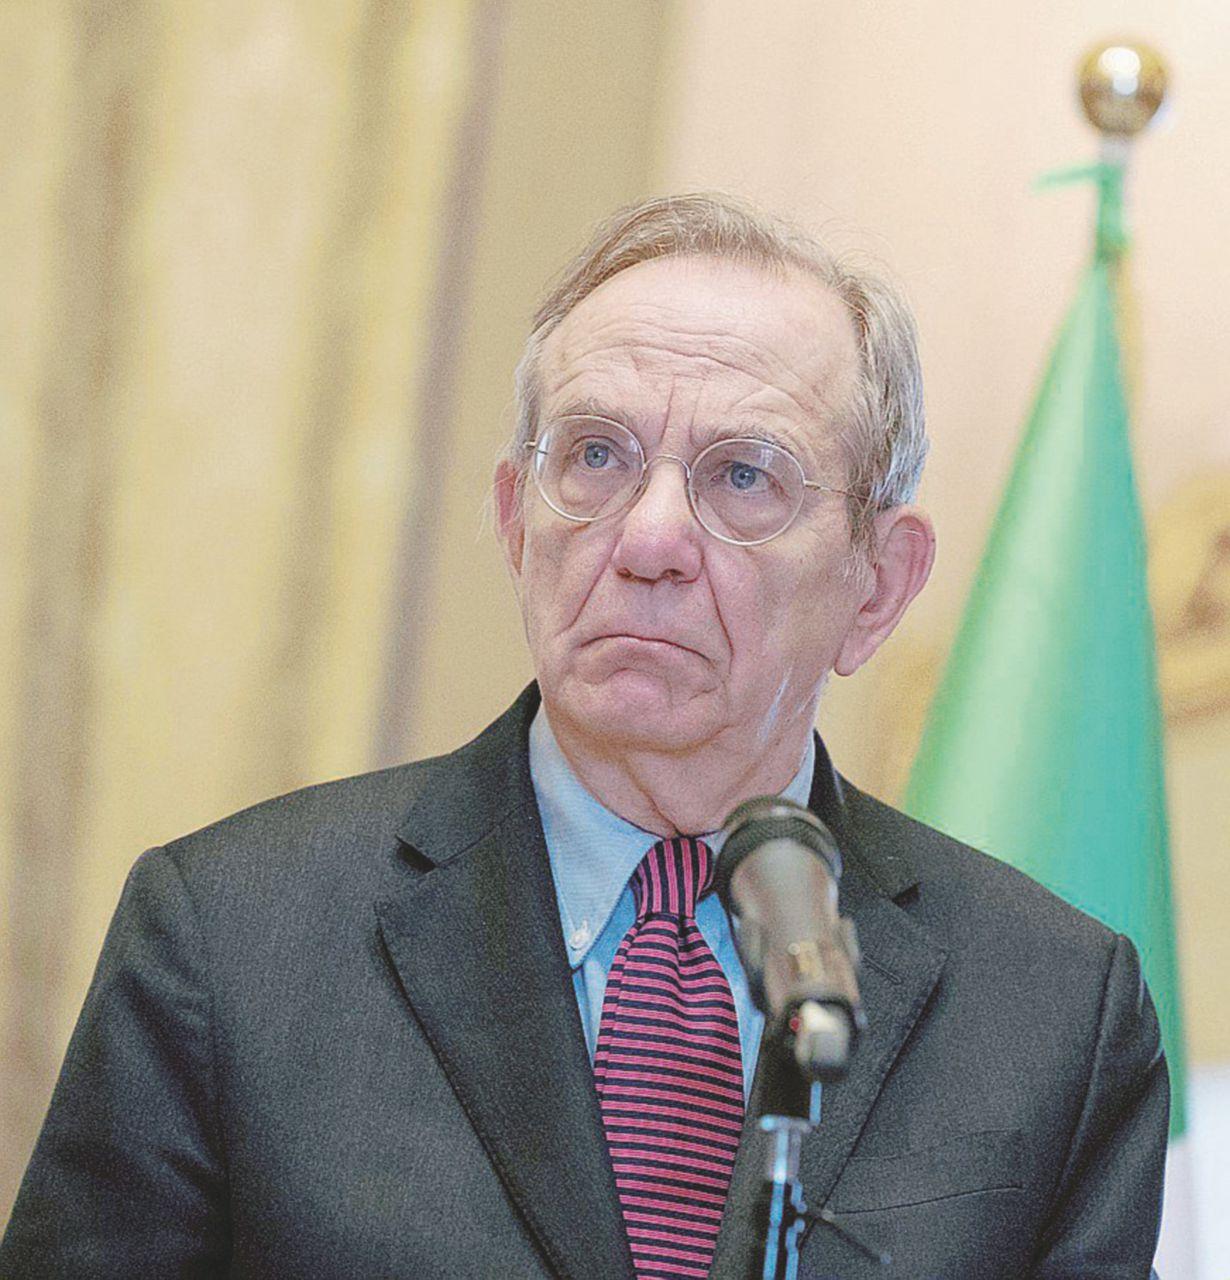 Torna il valzer dell'Italia: di nuovo incubo per la Ue